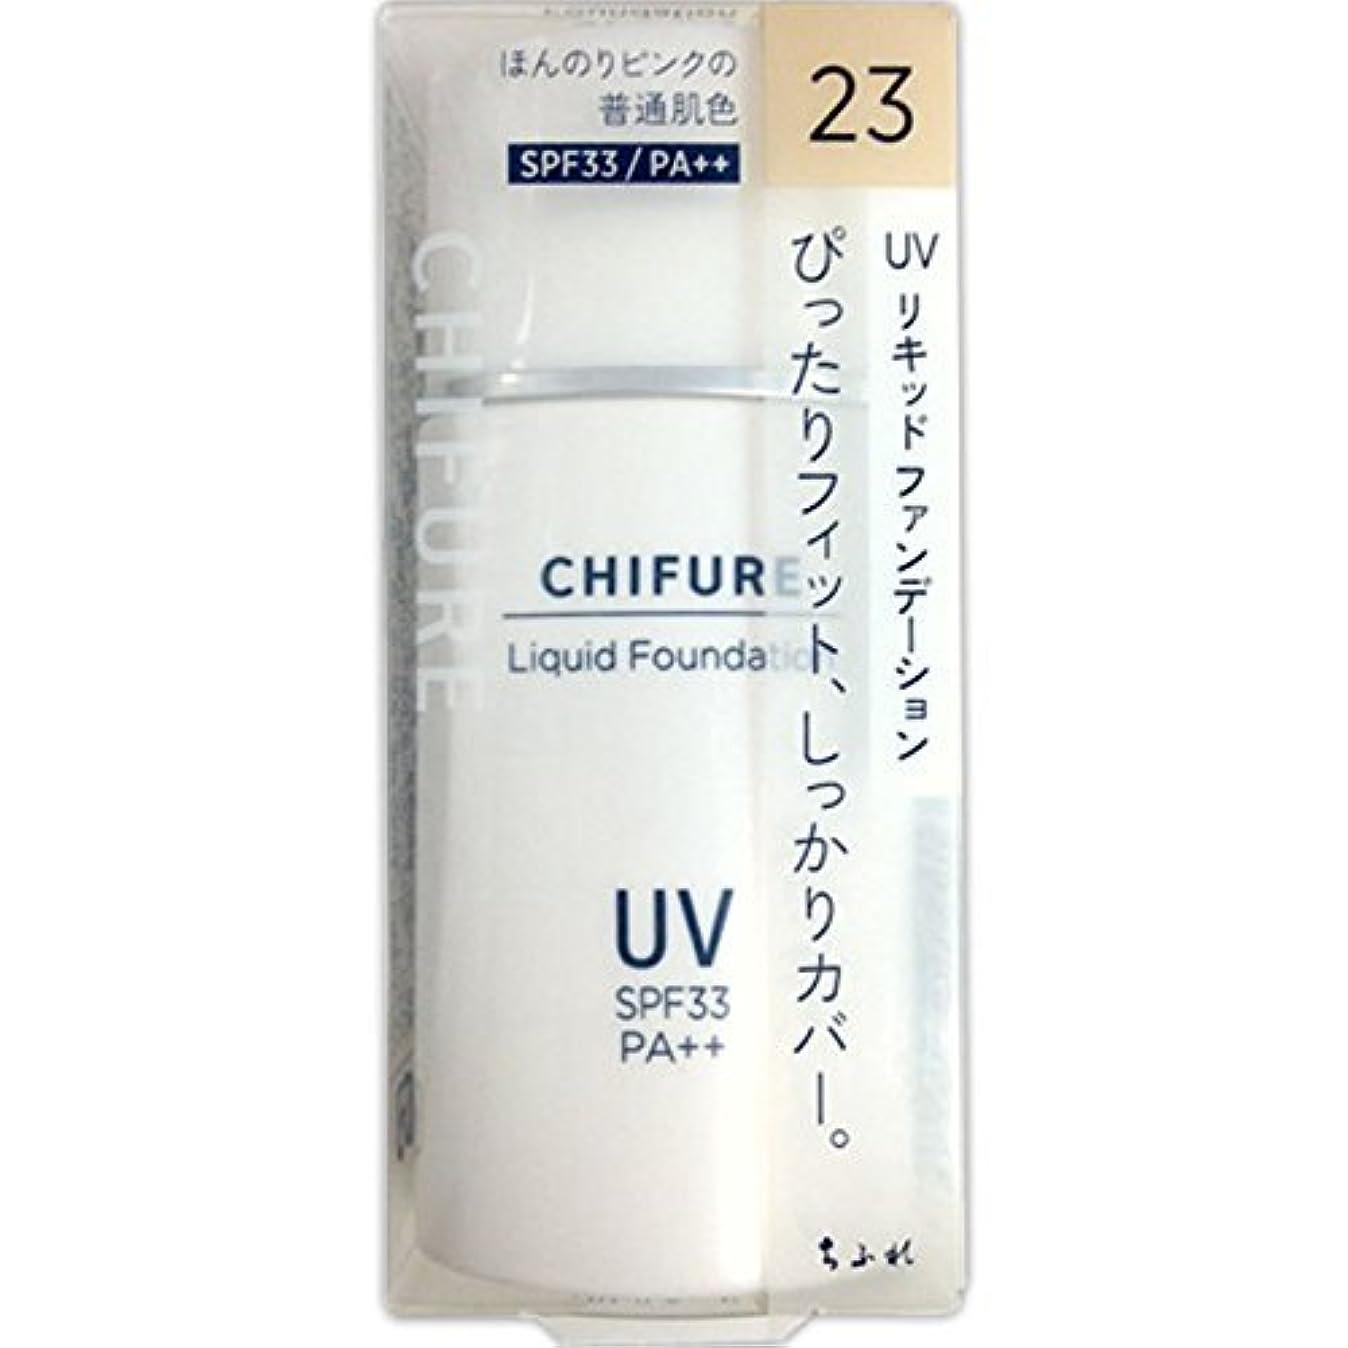 用心肖像画留まるちふれ化粧品 UV リキッド ファンデーション 23 ほんのりピンク普通肌色 30ML